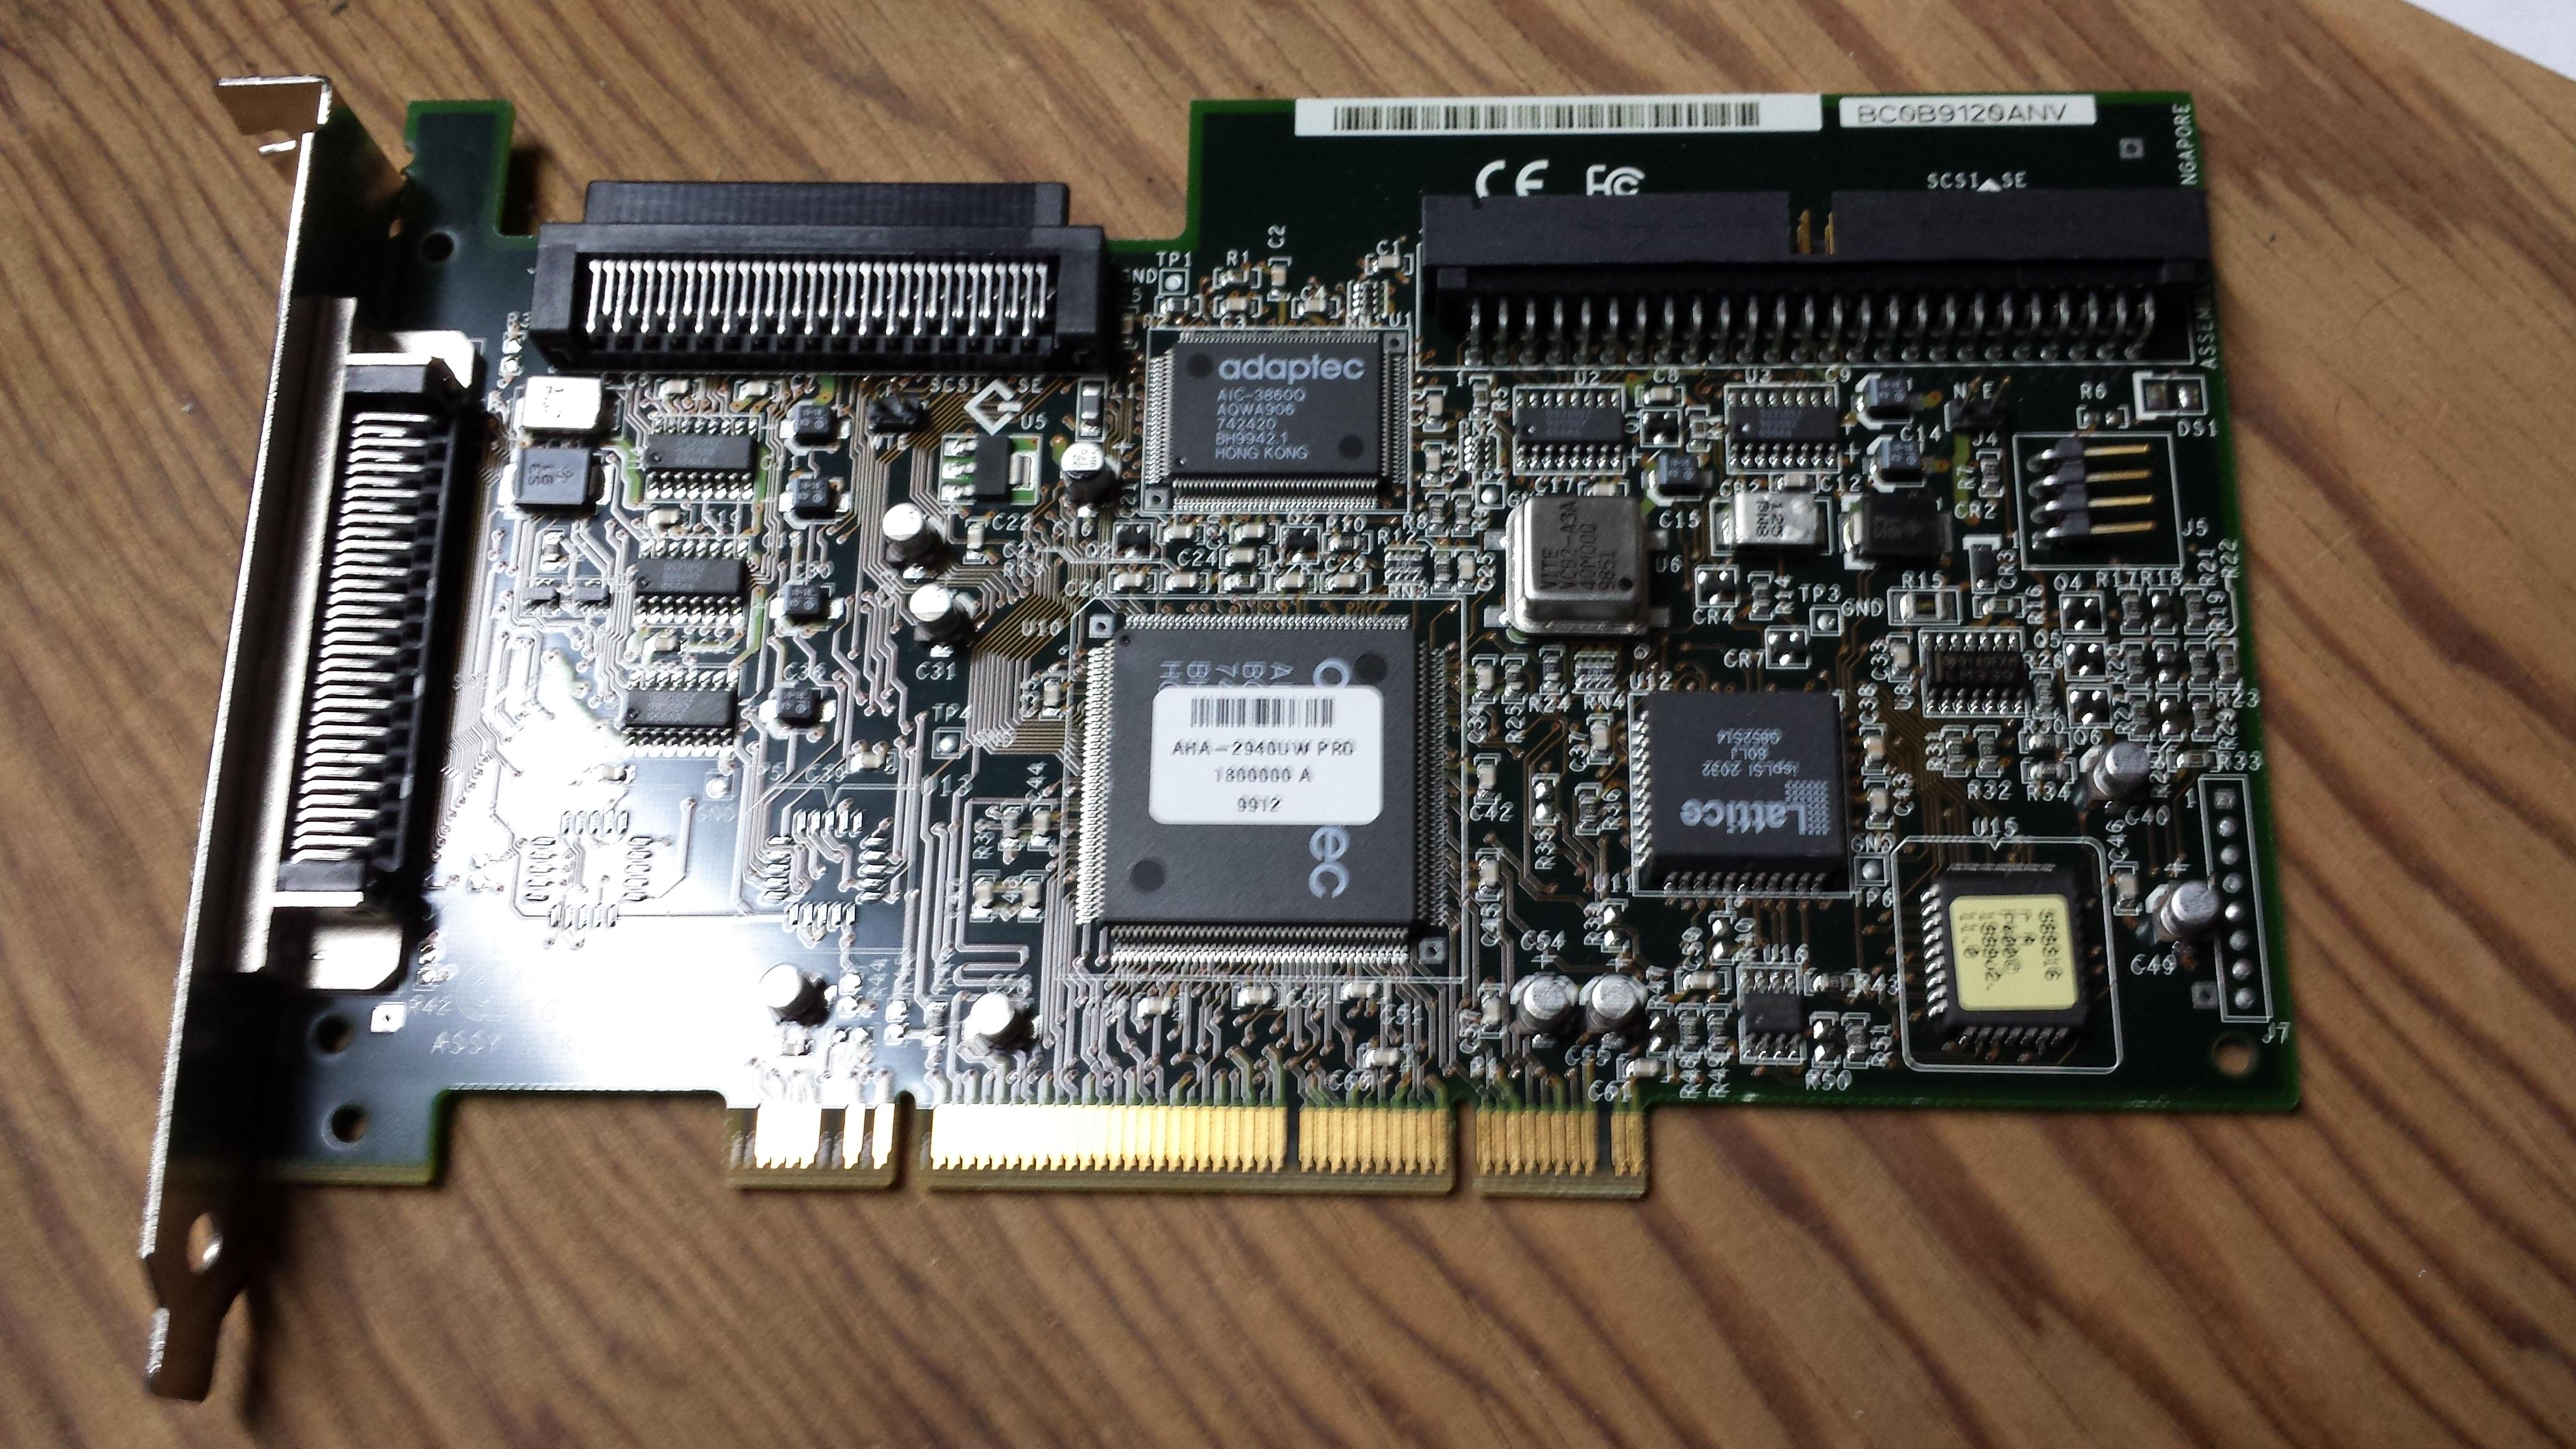 Adaptec AHA-2940uw pro PCI SCSI